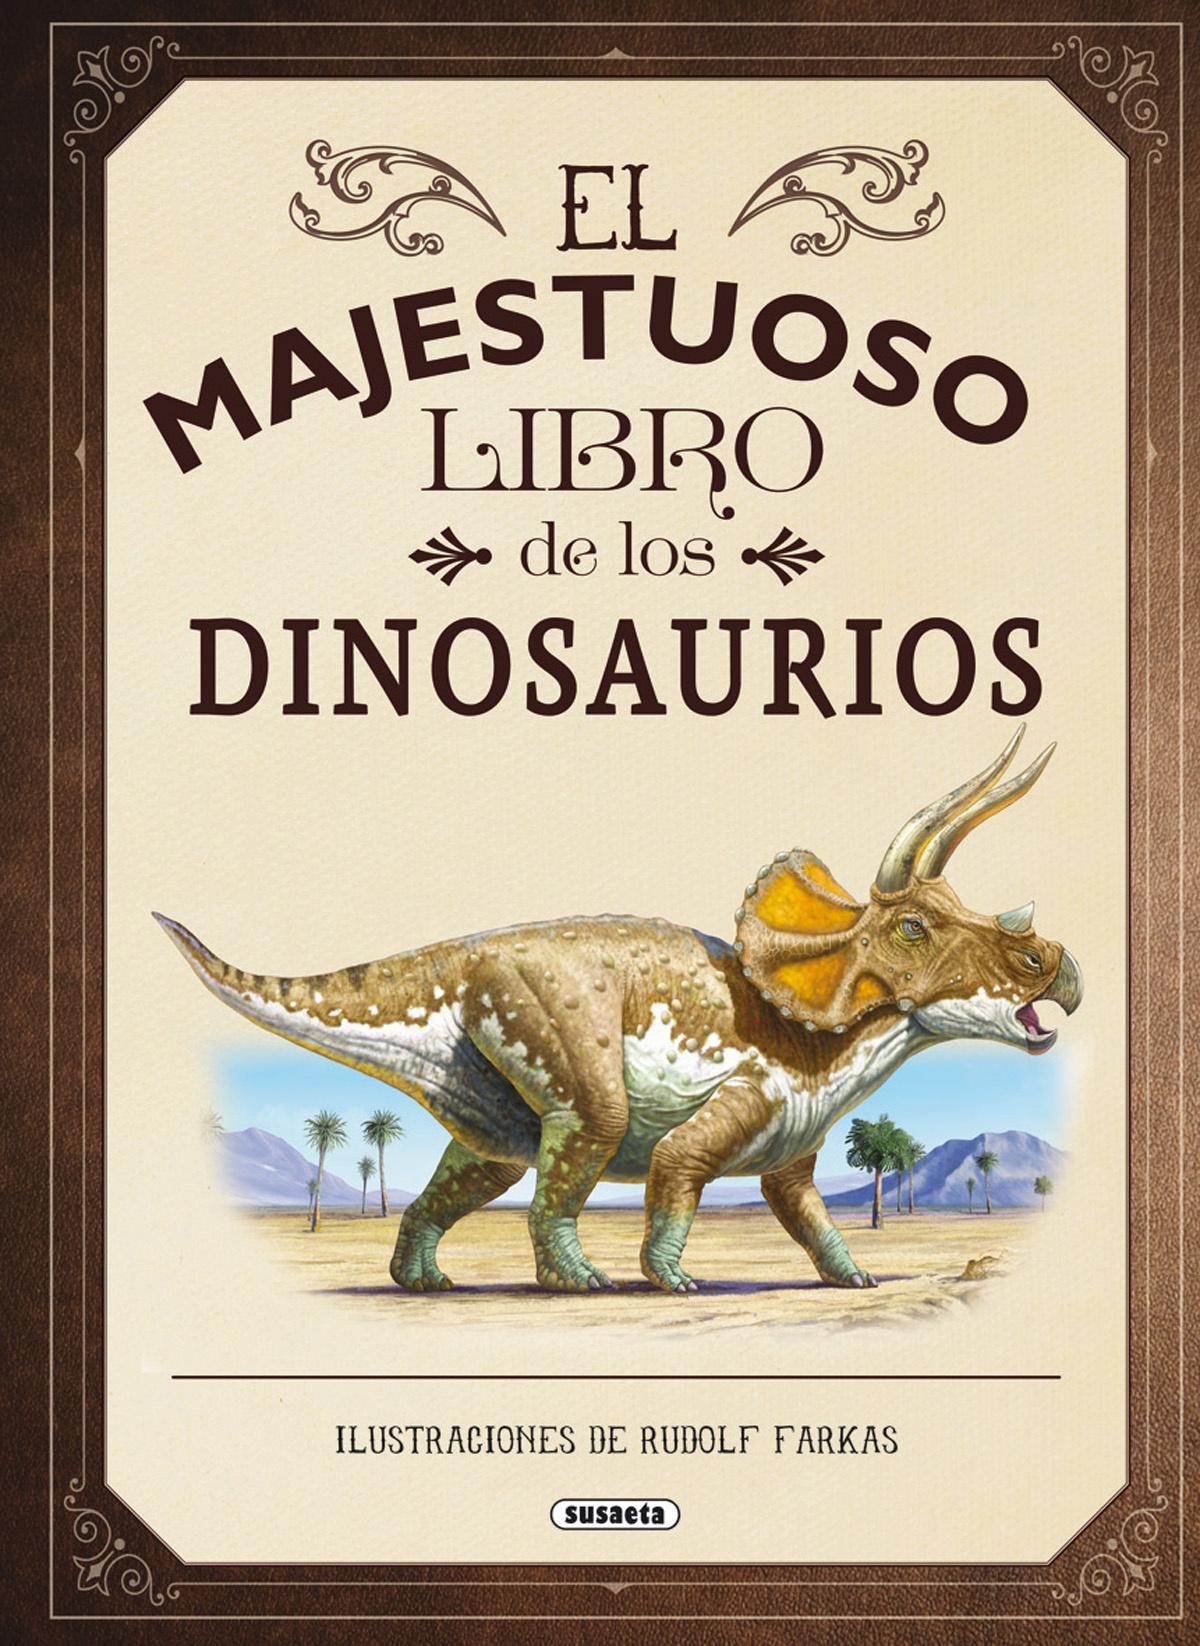 El majestuoso libro de los dinosaurios